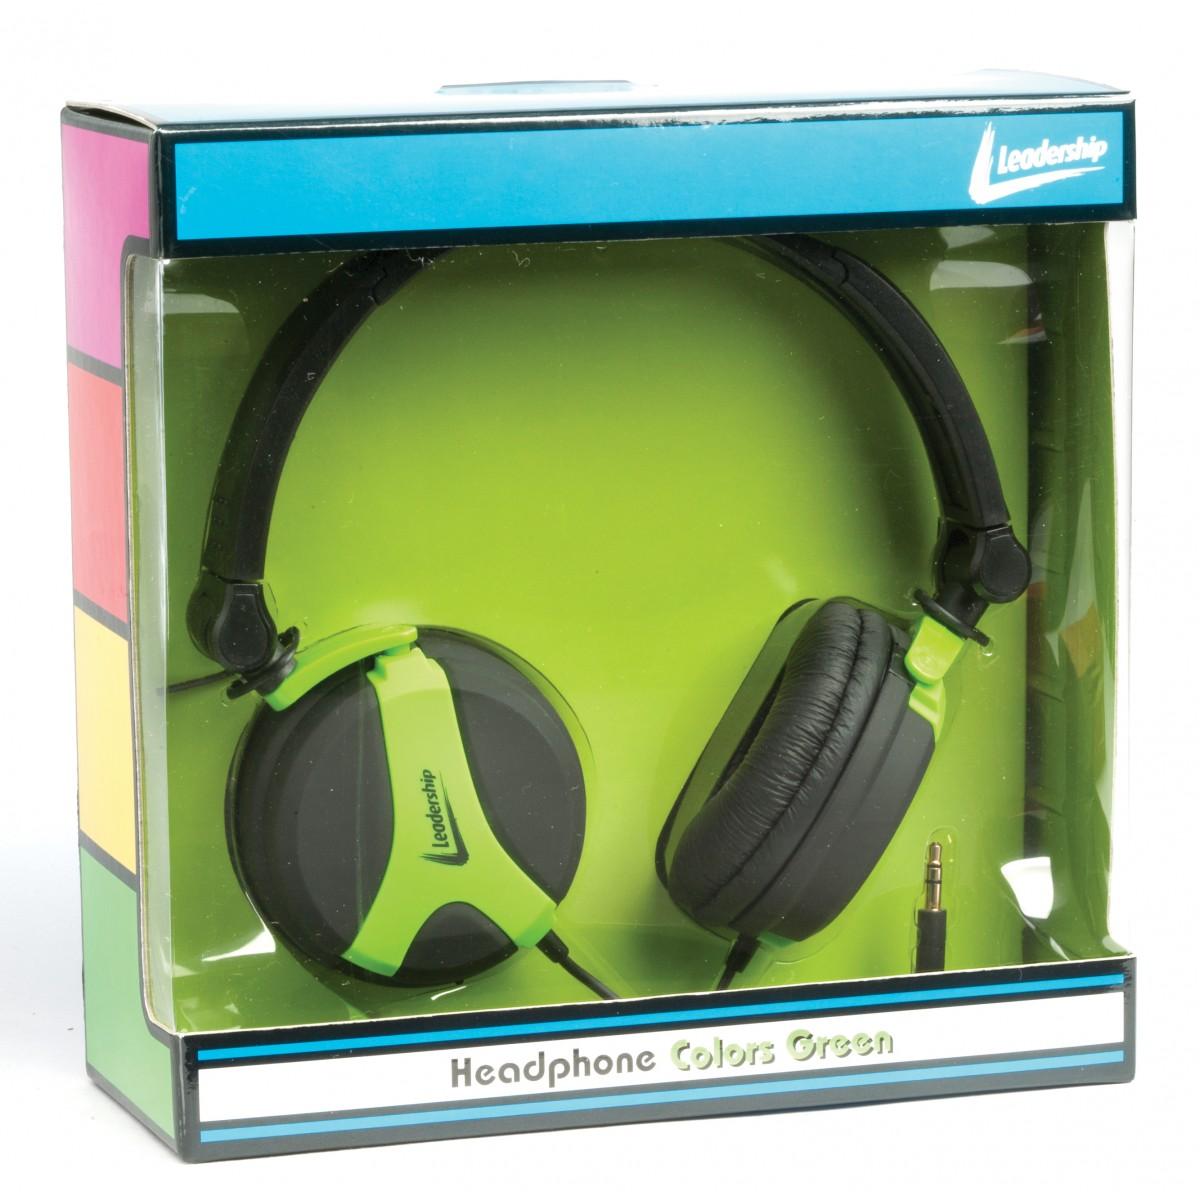 Headphone colors verde 2773 - Leadership